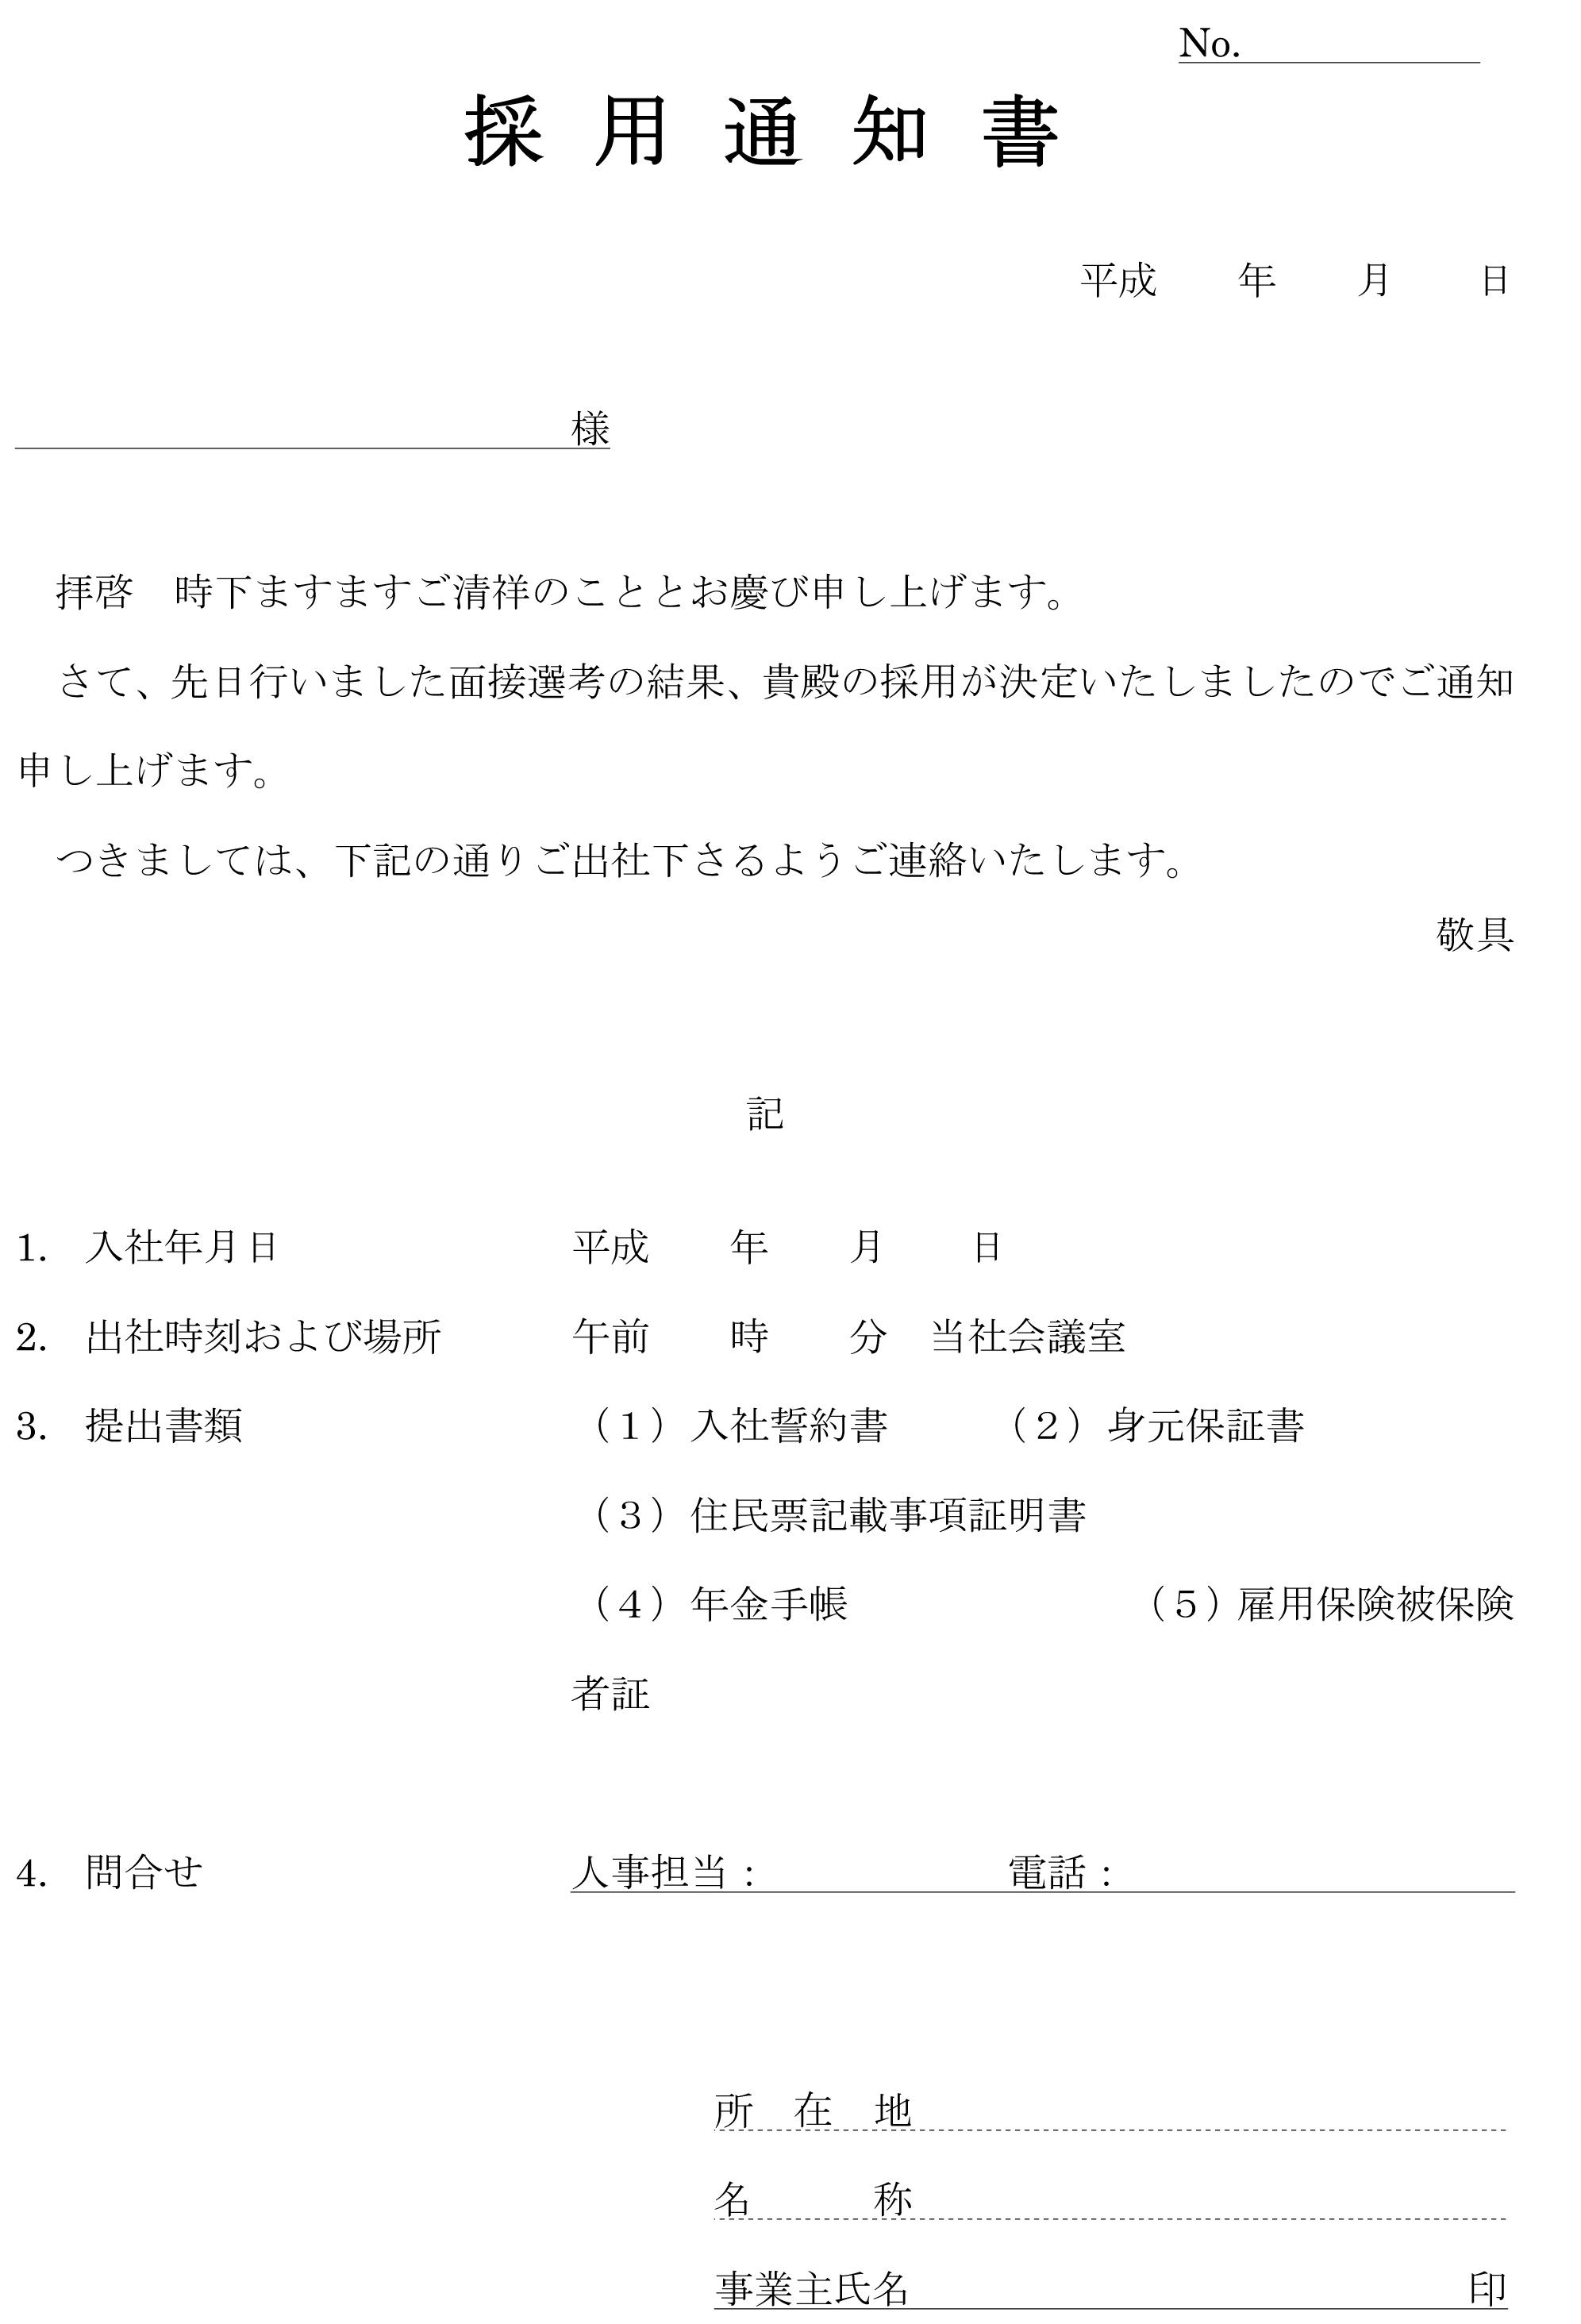 採用通知書03